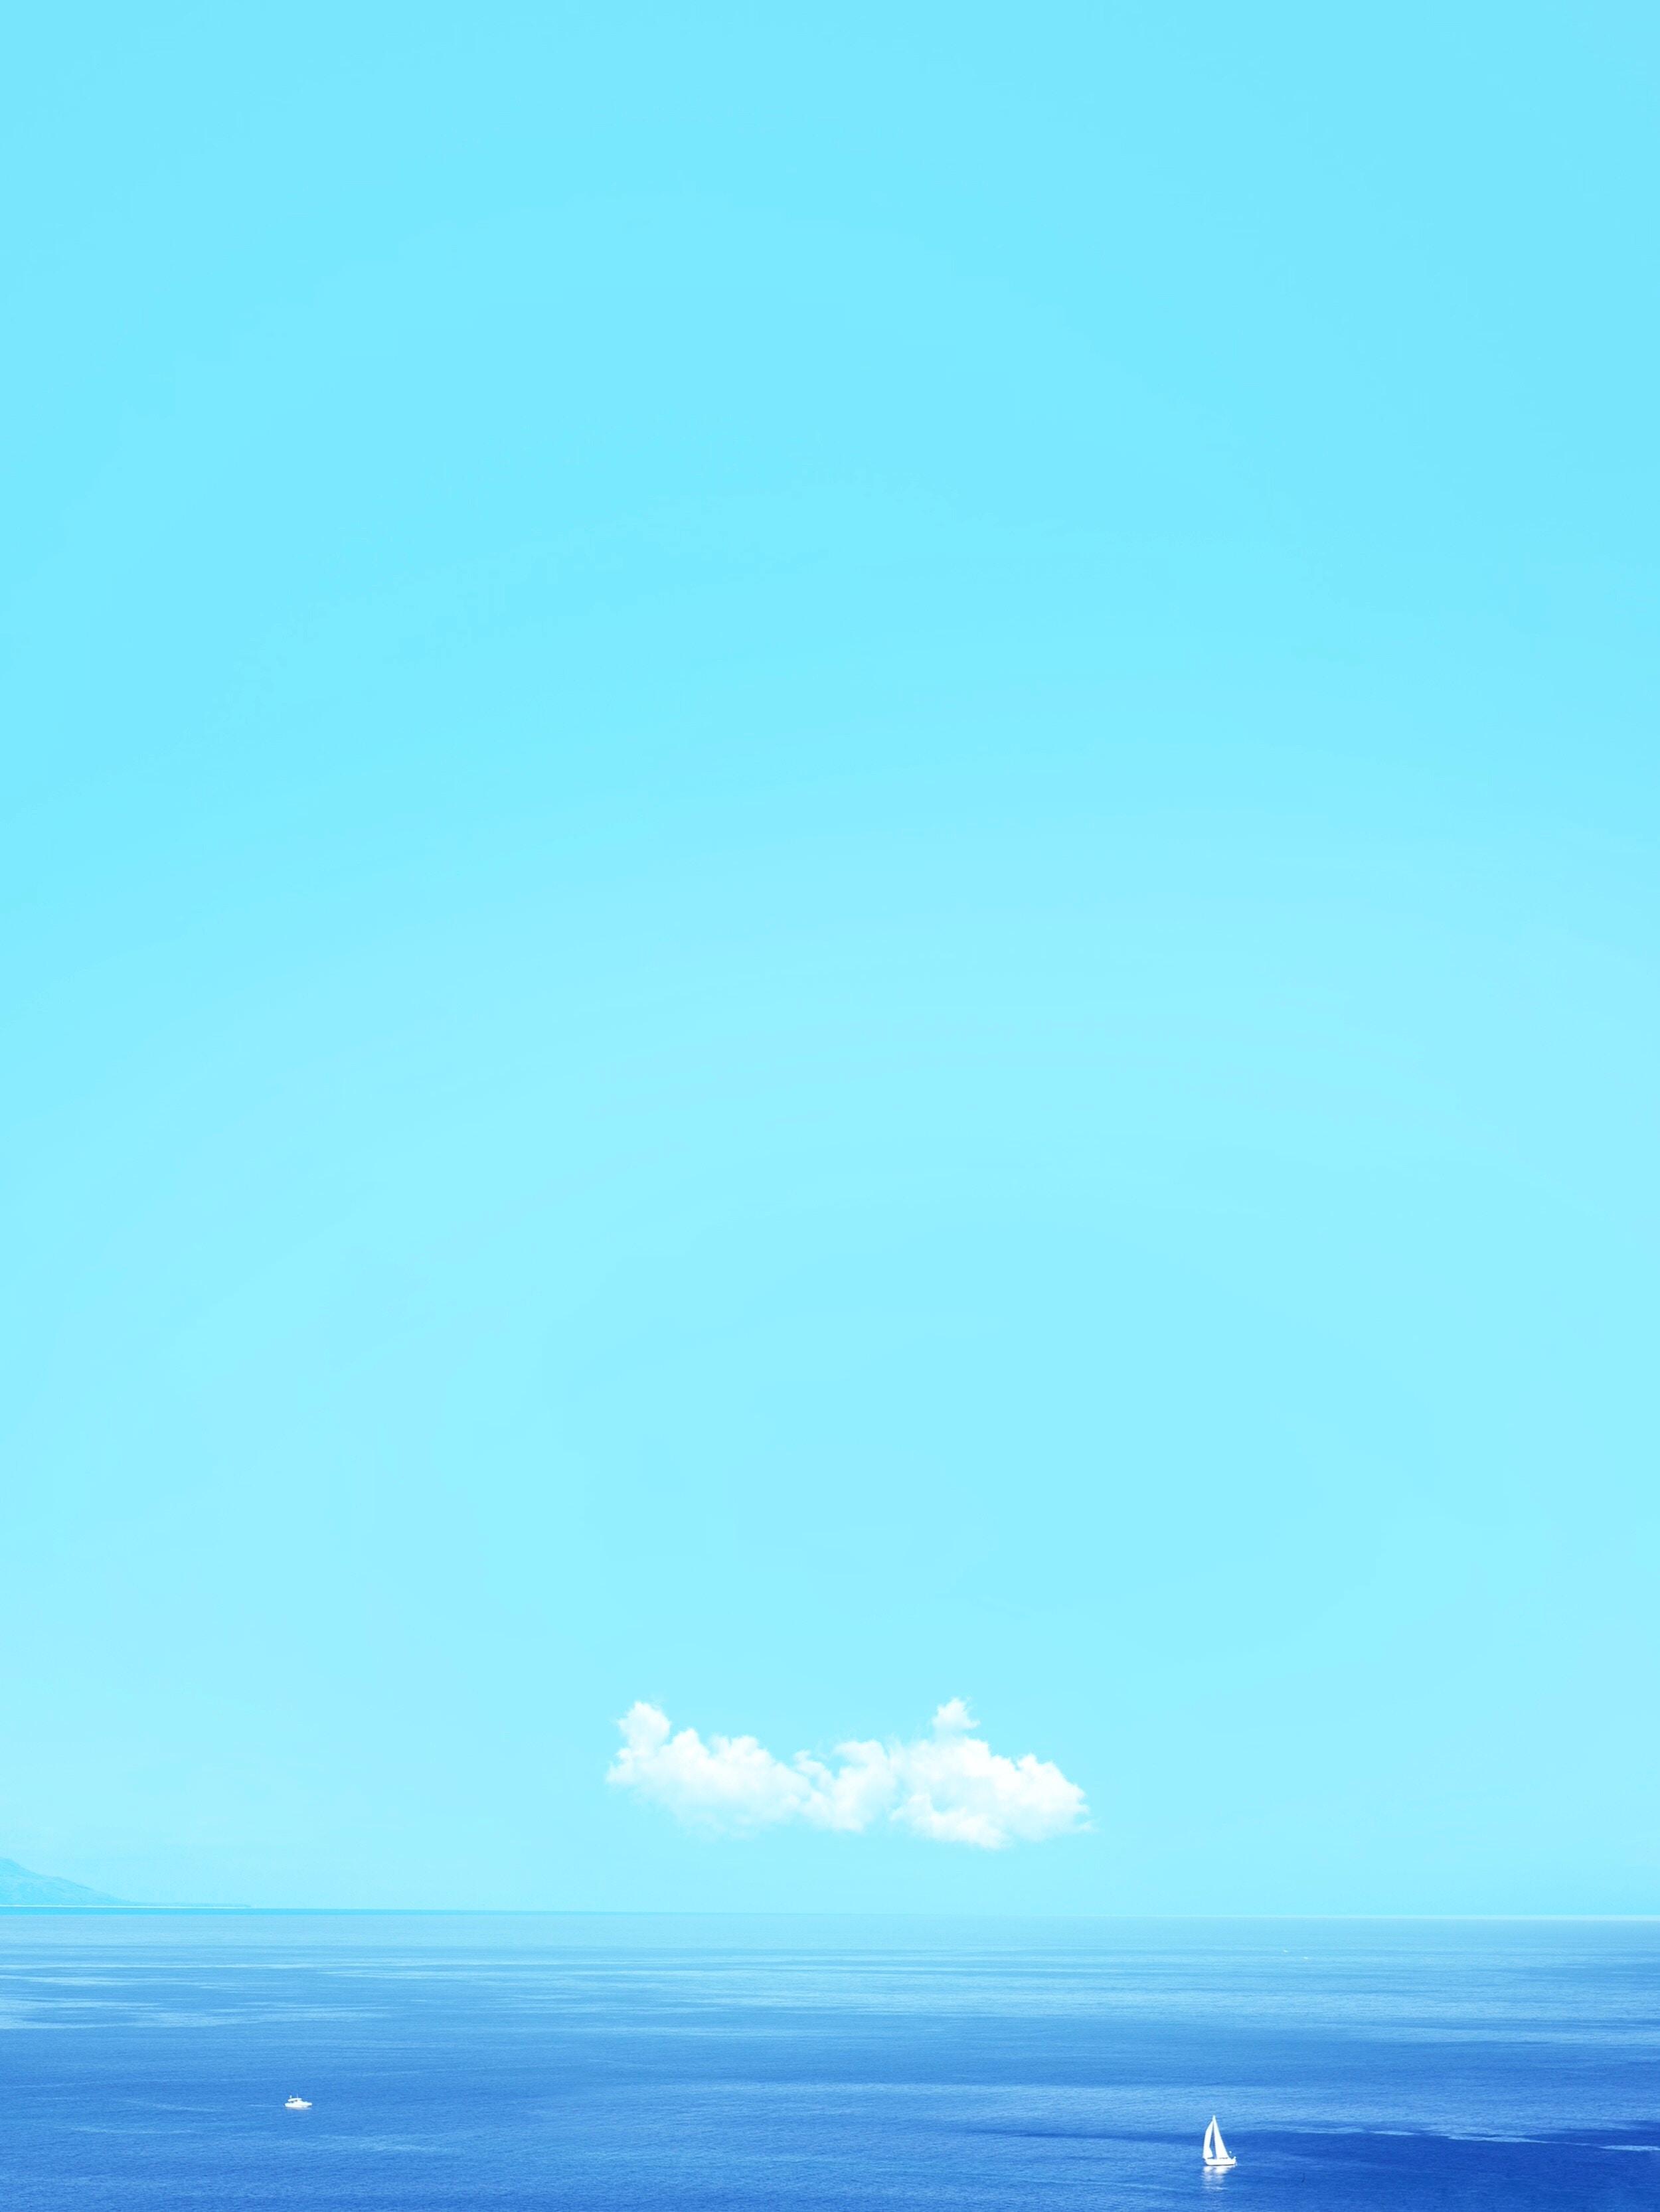 144938 免費下載壁紙 极简主义, 海, 地平线, 帆, 帆船, 天空, 水 屏保和圖片